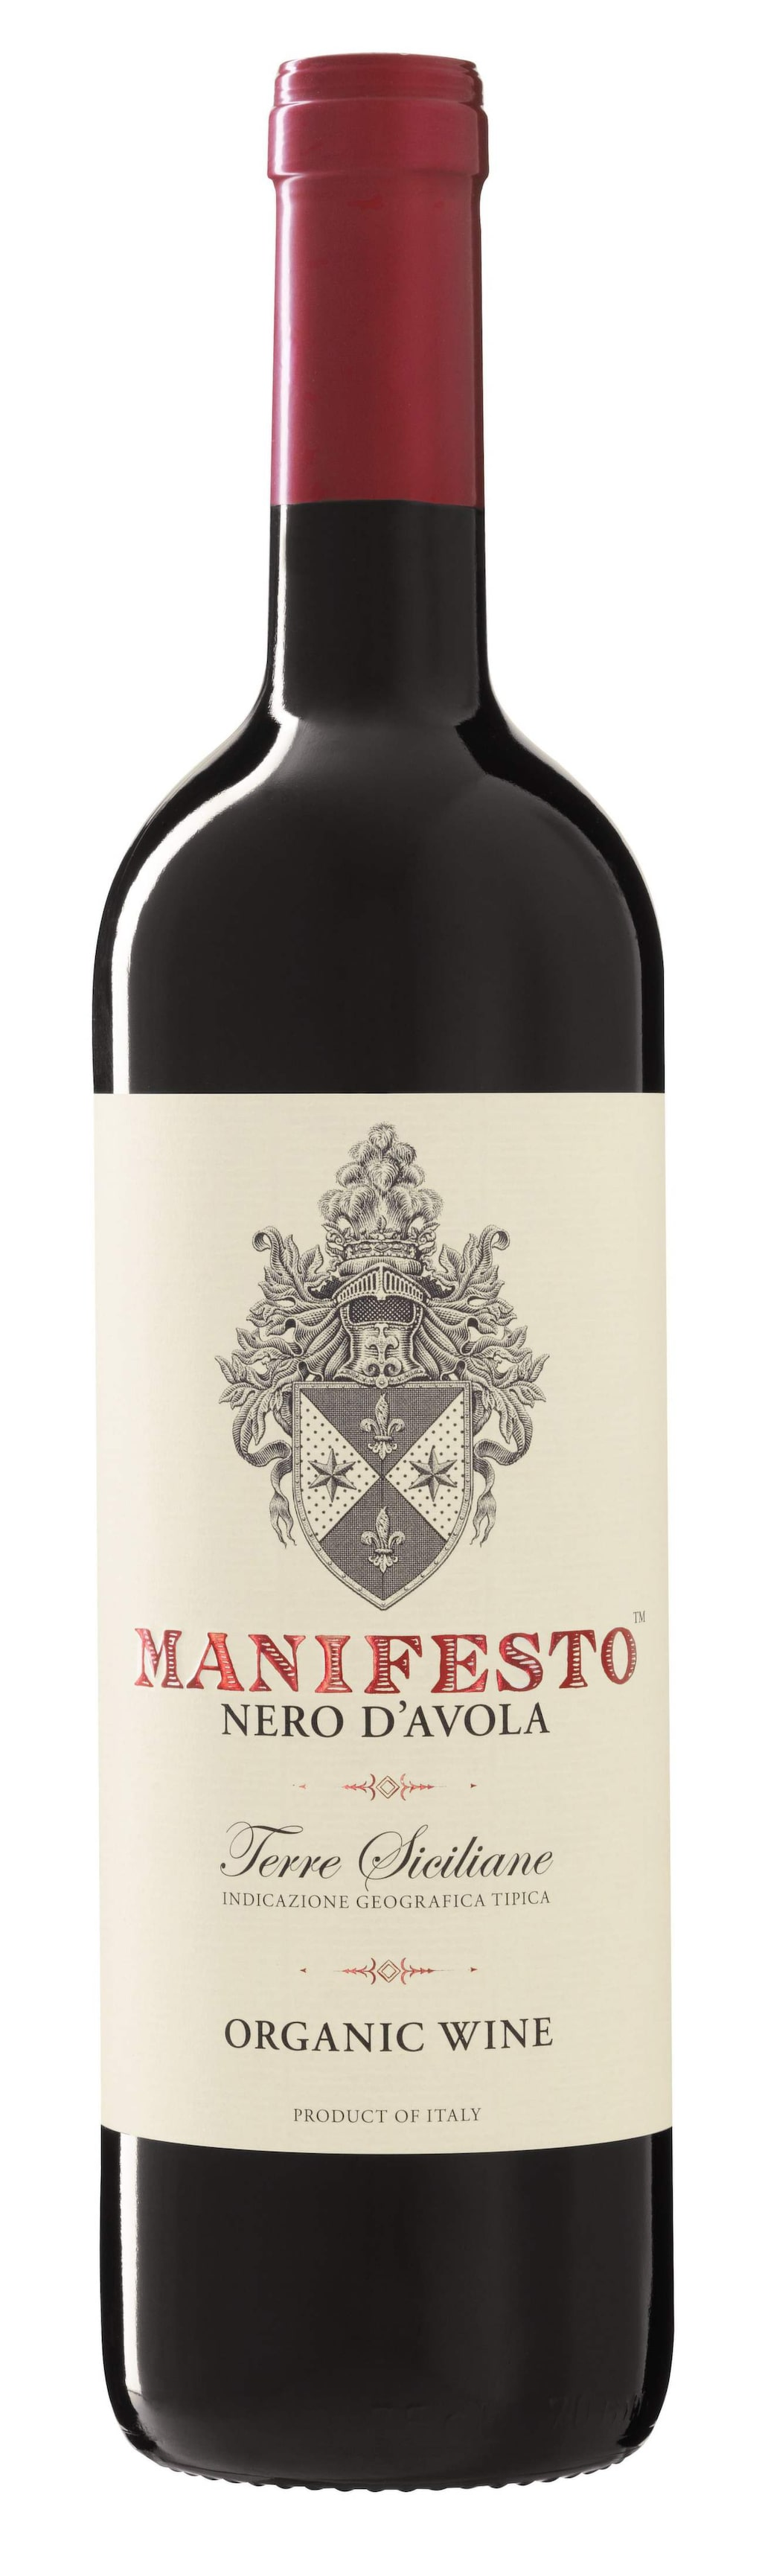 """Rött<br><strong>Manifesto Nero d´Avola 2013 (2680) Italien, 72 kr</strong><br>Smakrikt med toner av plommon, kryddor, kakao och en lite pepprig ton. Rund och varm. Gott till en lammgryta med vita bönor.<br><exp:icon type=""""wasp""""></exp:icon><exp:icon type=""""wasp""""></exp:icon><exp:icon type=""""wasp""""></exp:icon><exp:icon type=""""wasp""""></exp:icon>"""